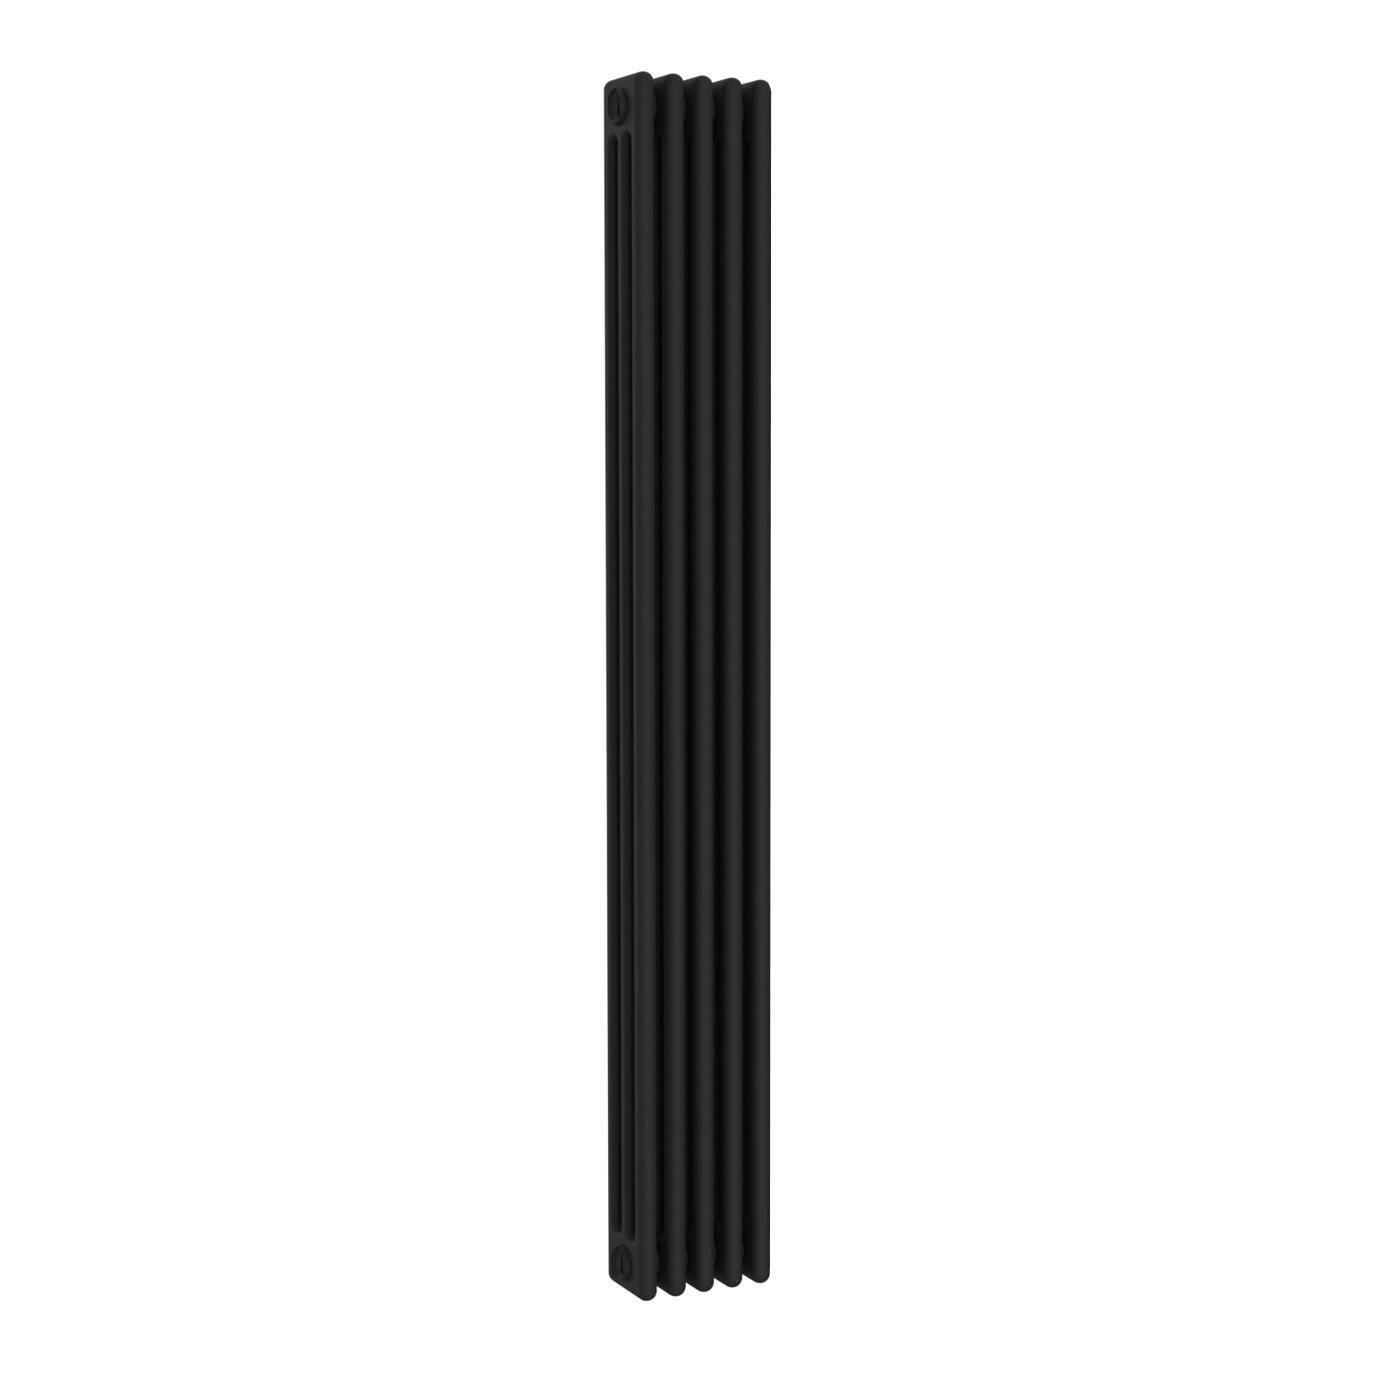 Radiatore acqua calda ERCOS nero opaco in acciaio 5 elementi interasse 193,5 cm